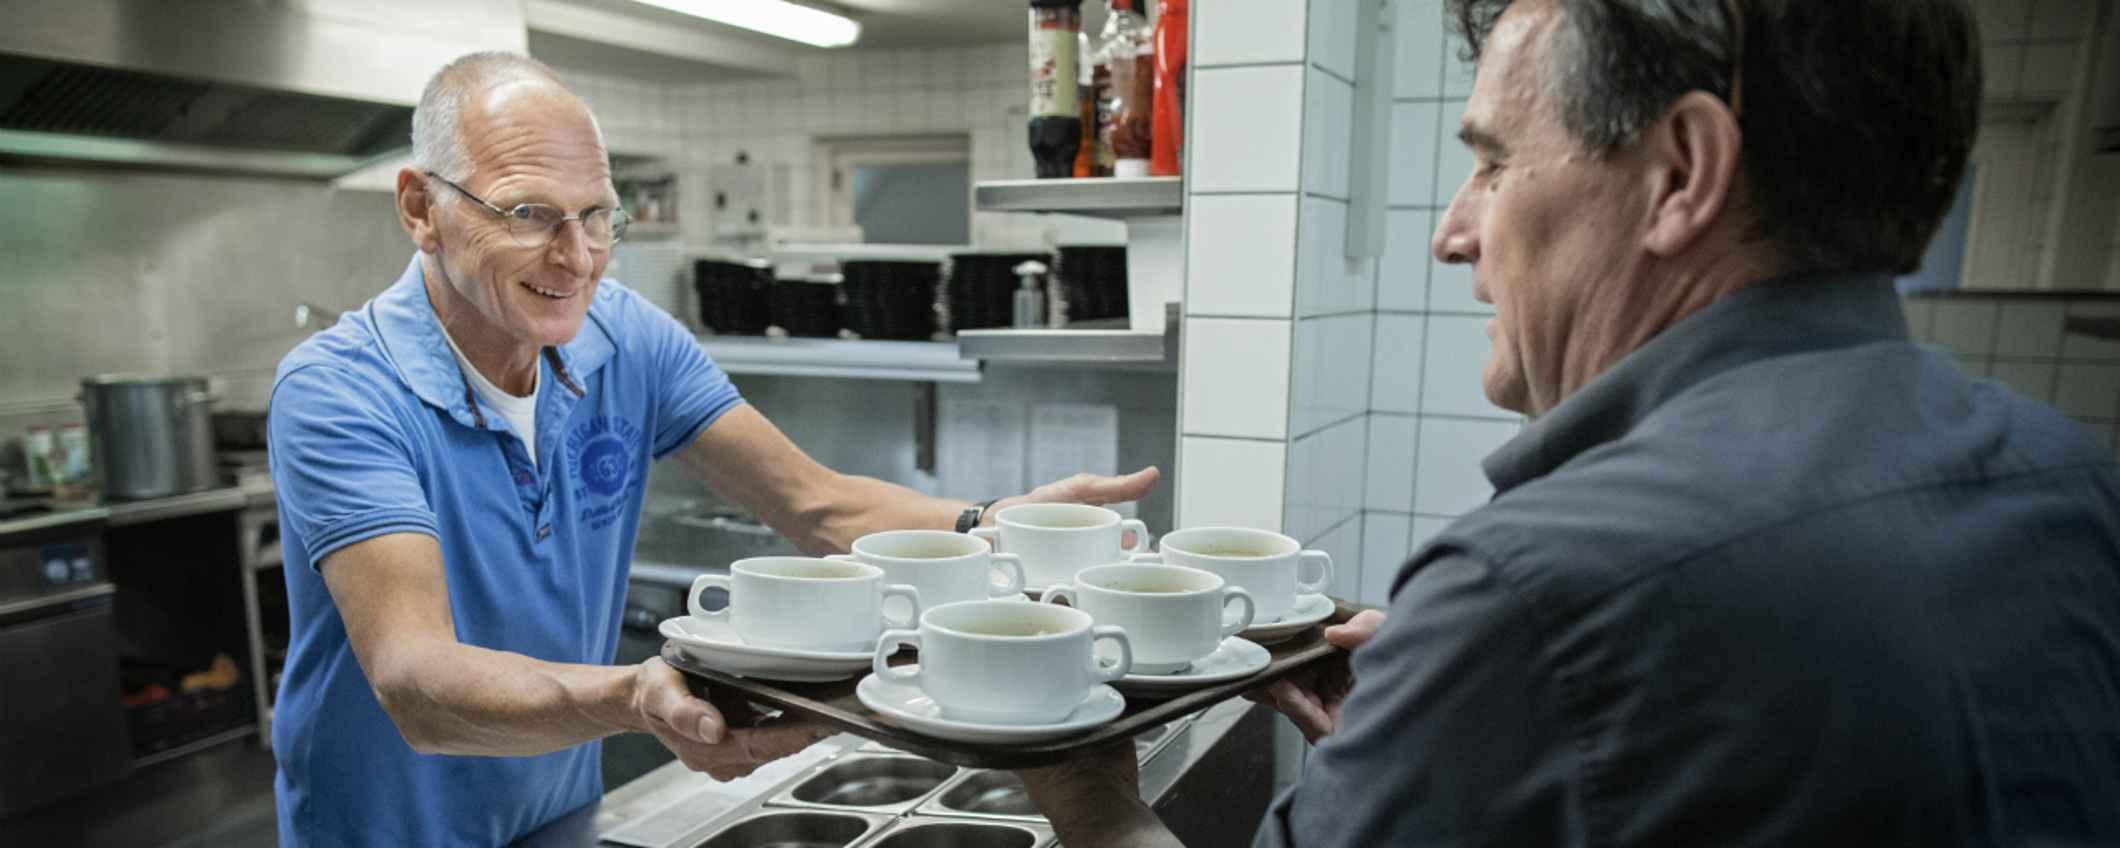 Gerard Vrij Peerdeman is een van de vaste koks van Austerlitz Eet